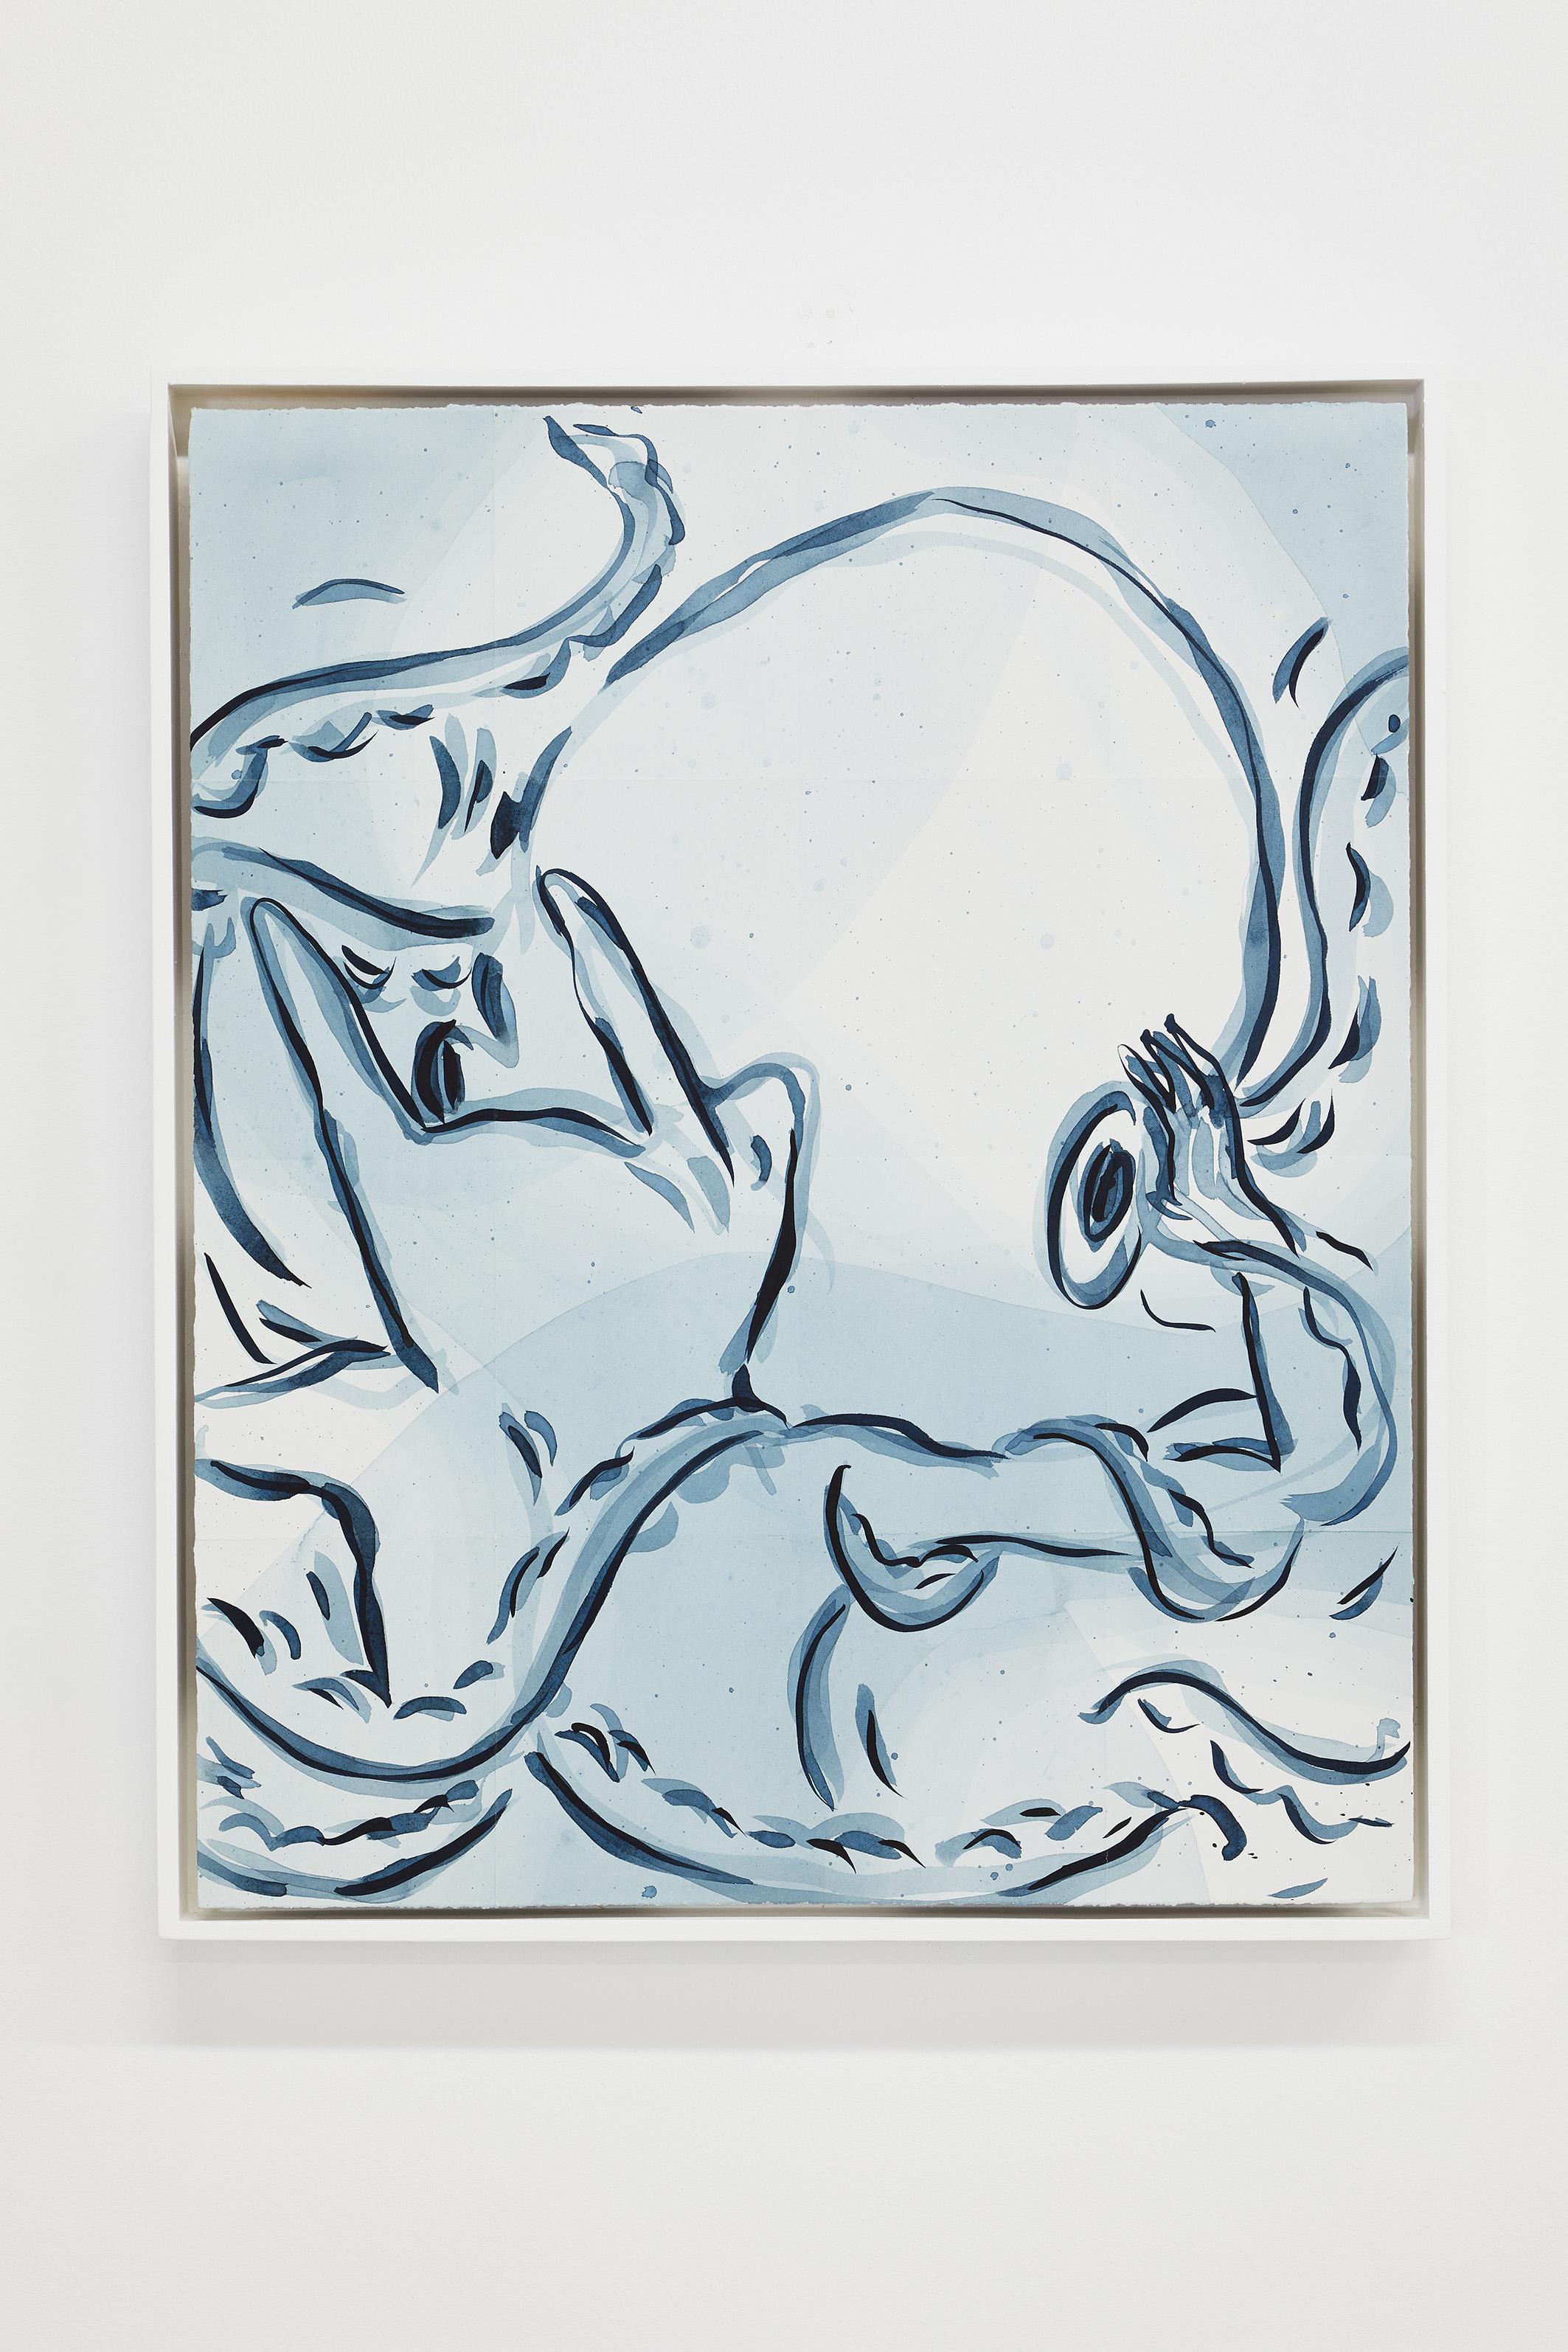 ELSA GUILLAUME, Topographie N°7, encre super papier Arches satiné 300g, 61 x 50 cm